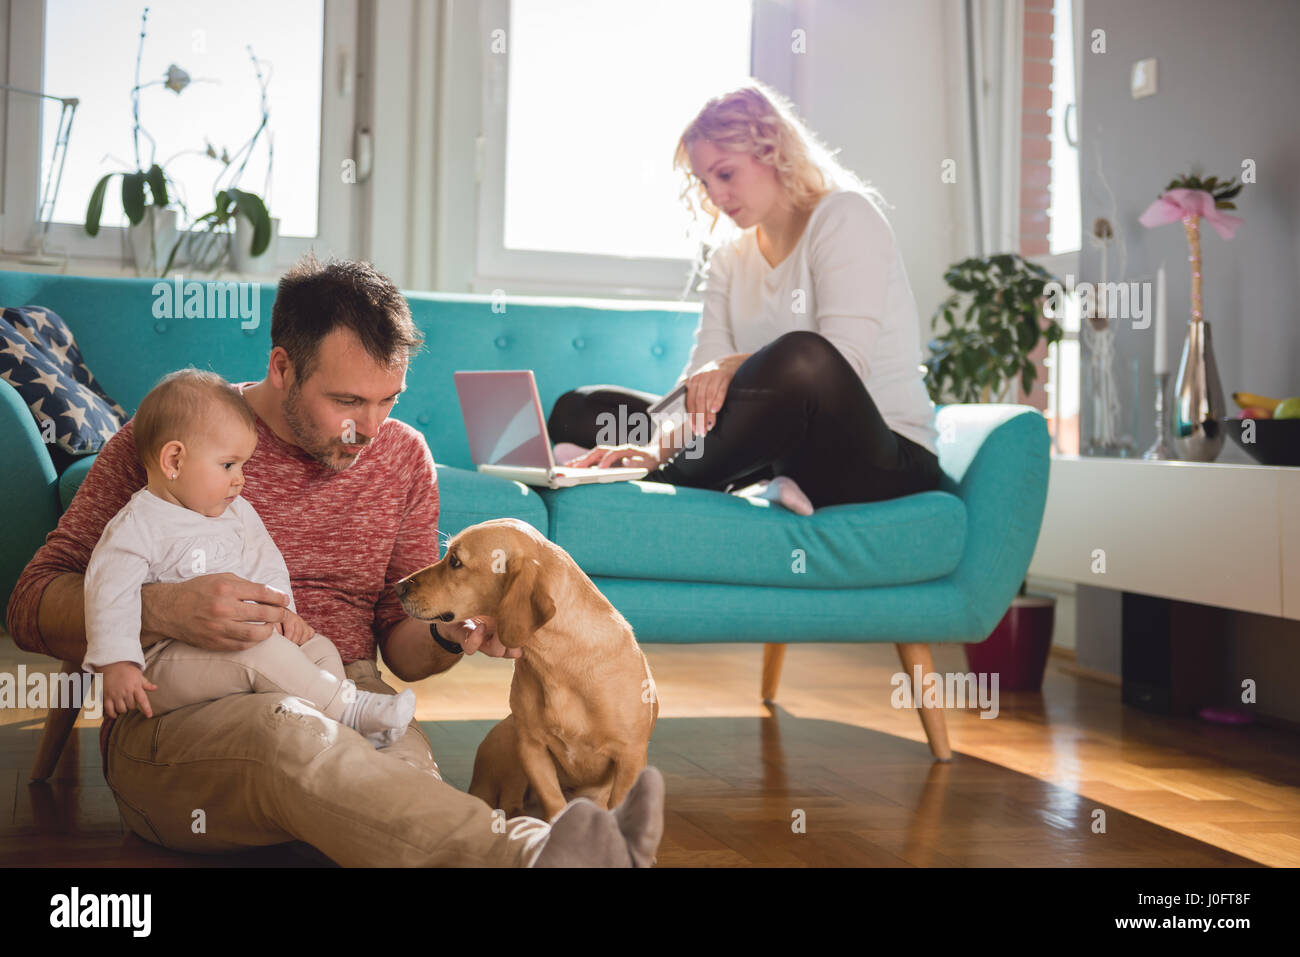 Père assis sur le plancher et avec bébé dans ses bras jouer avec chien femme assis sur le canapé Photo Stock